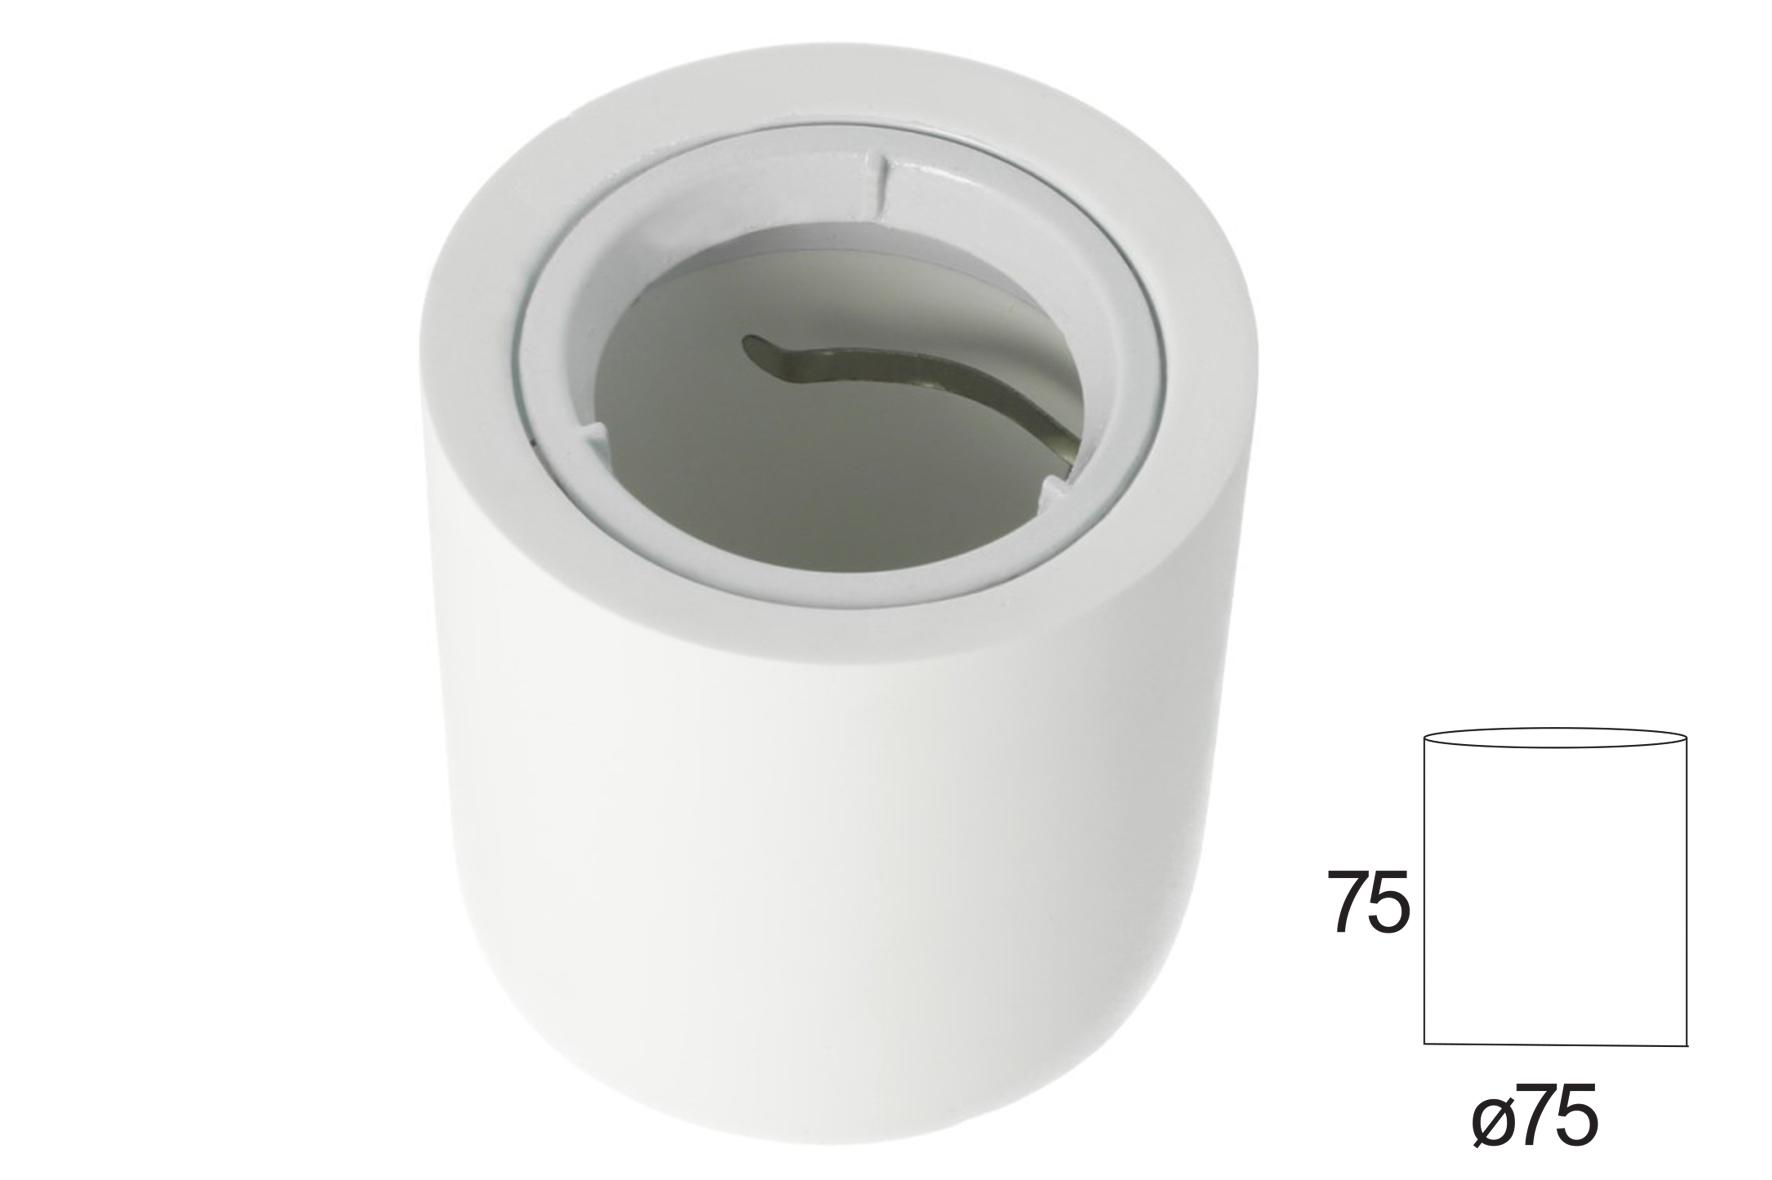 Portafaretto Da Soffitto Rotondo In Gesso Verniciabile Per Lampade GU10 Con Anello In Alluminio Bianco SKU-3667 - KIT